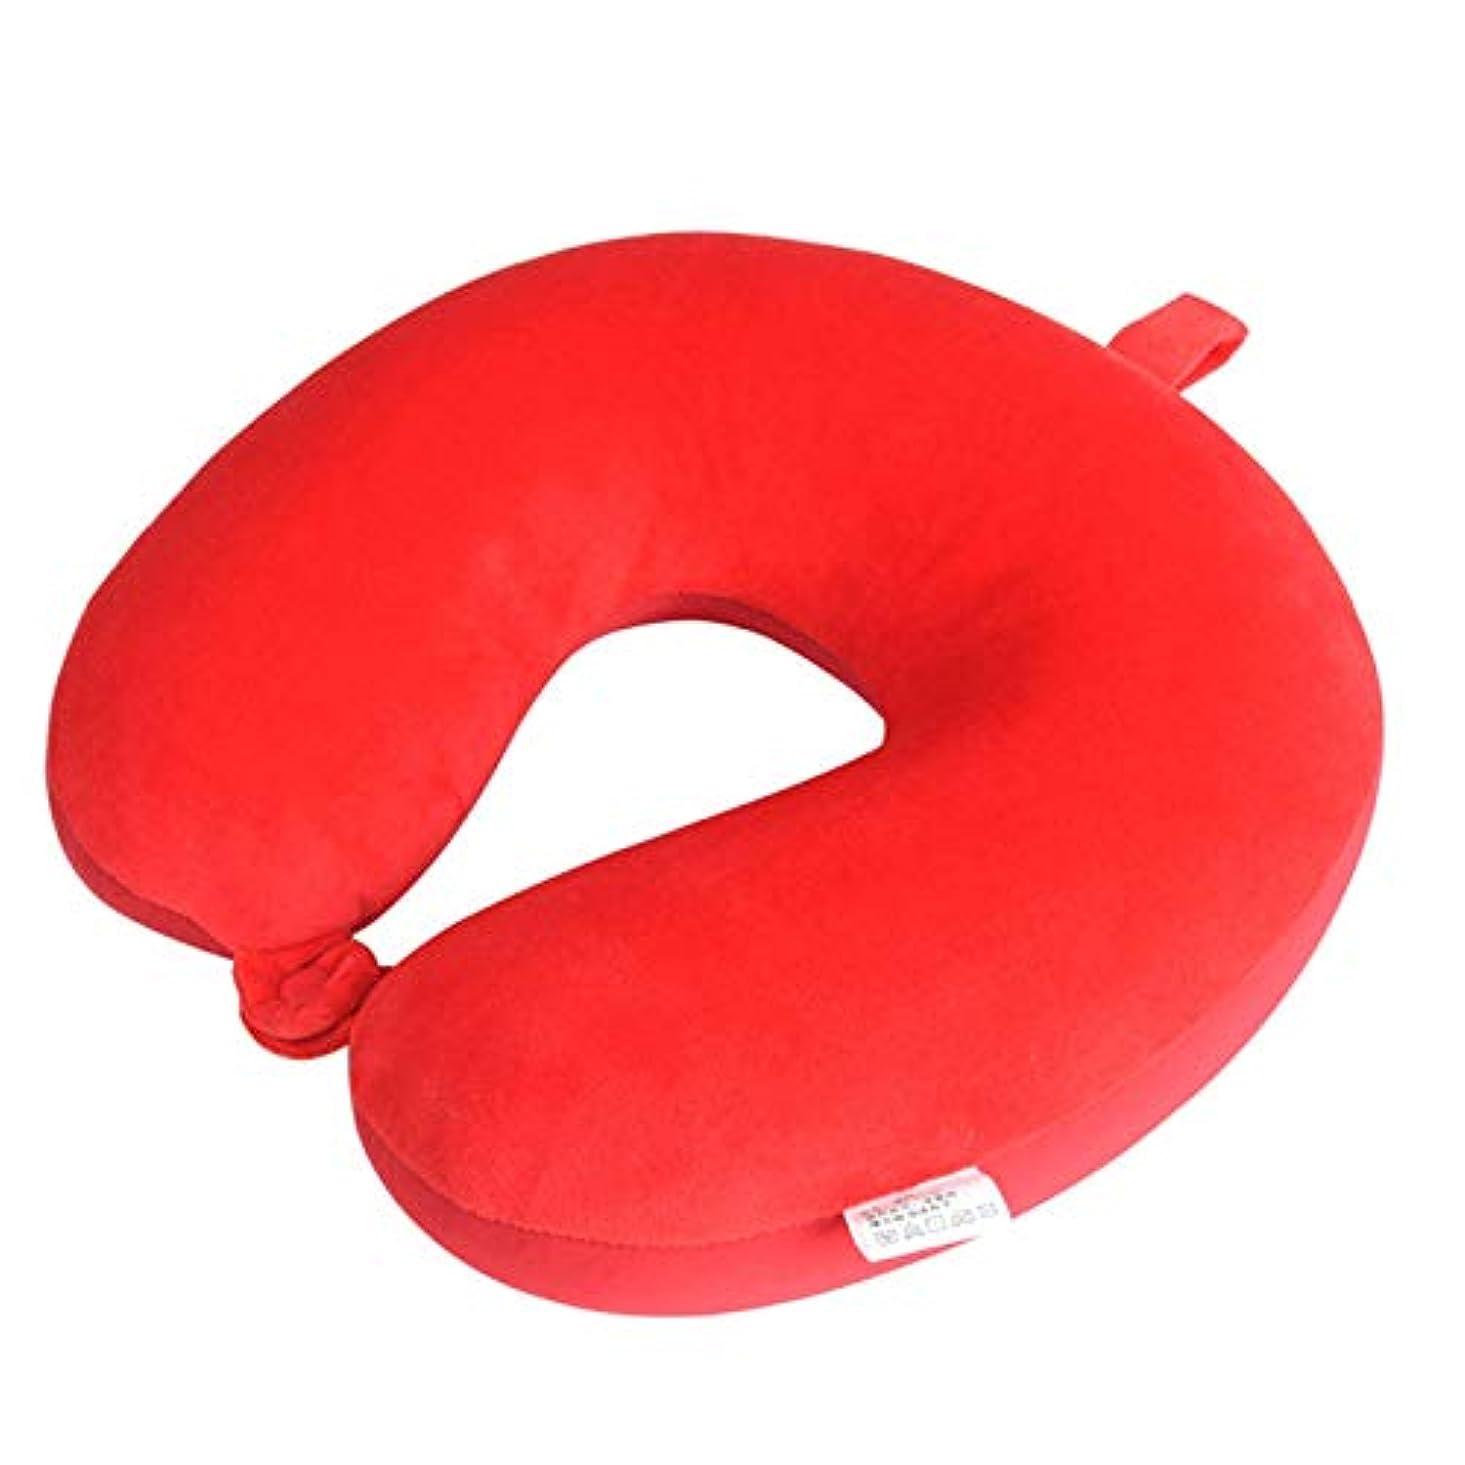 アサー地上でナインへSMART ホームオフィス背もたれ椅子腰椎クッションカーシートネック枕 3D 低反発サポートバックマッサージウエストレスリビング枕 クッション 椅子